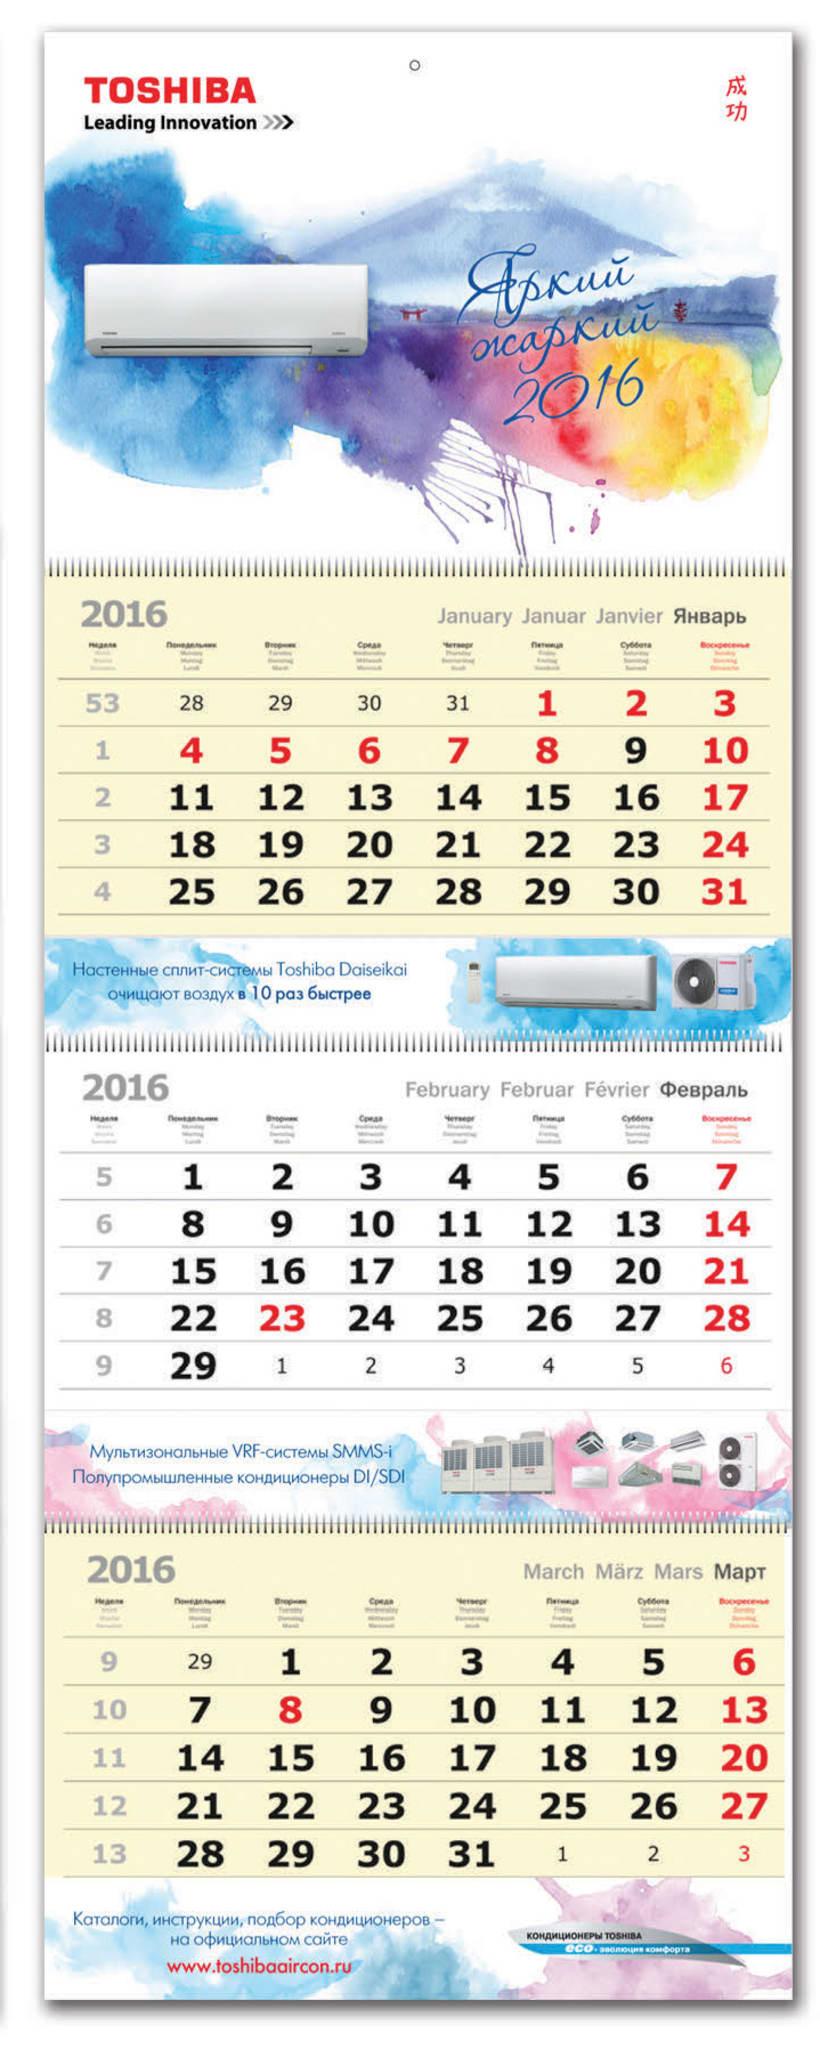 Calendarios para Toshiba 0